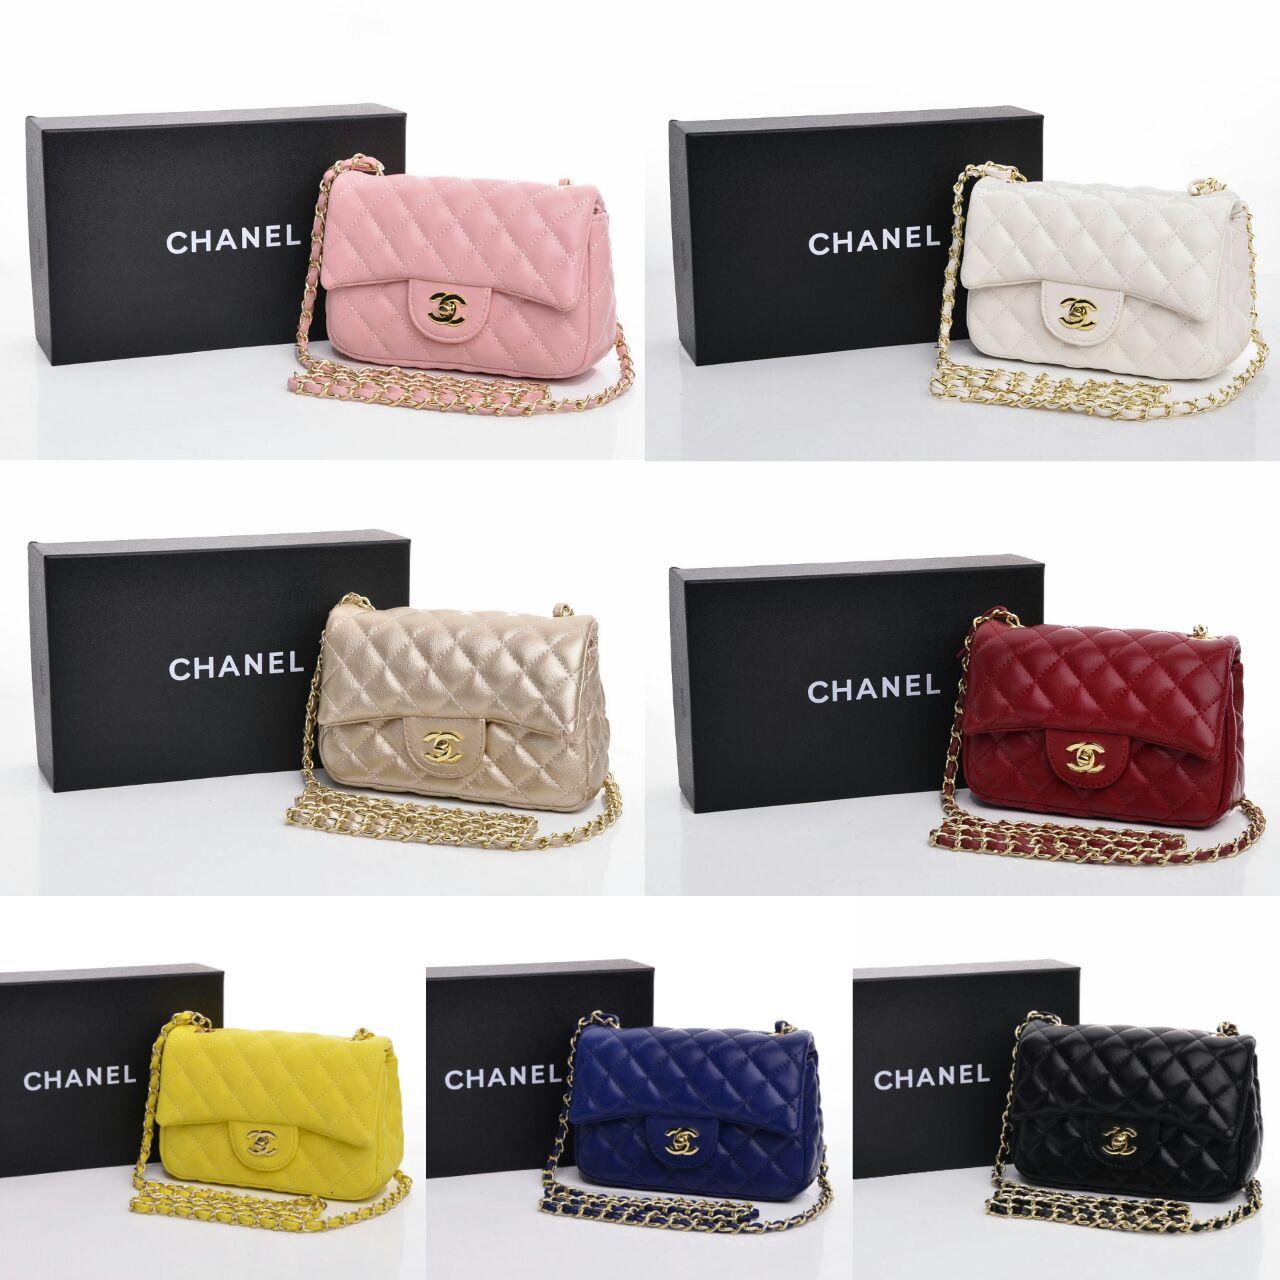 Jual Tas Chanel Mini Classic Lambskin Box Semi Premium 3019 ... 613b04fca7